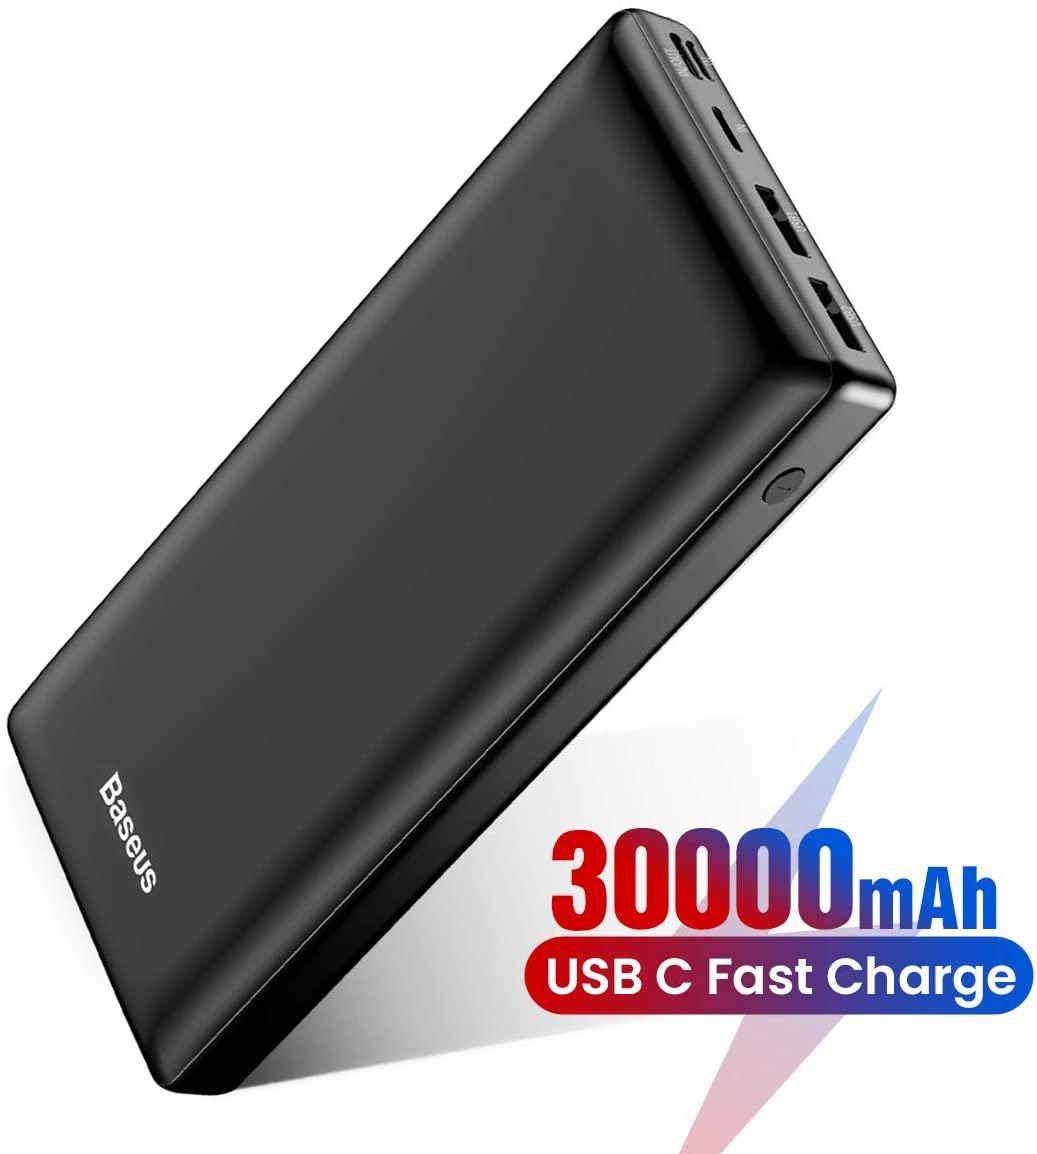 アマゾンでBaseus 大容量 モバイルバッテリー 30000mAh PD対応 最大15W が割引クーポンをセール中。ノートPCの充電は(ほぼ)できない。